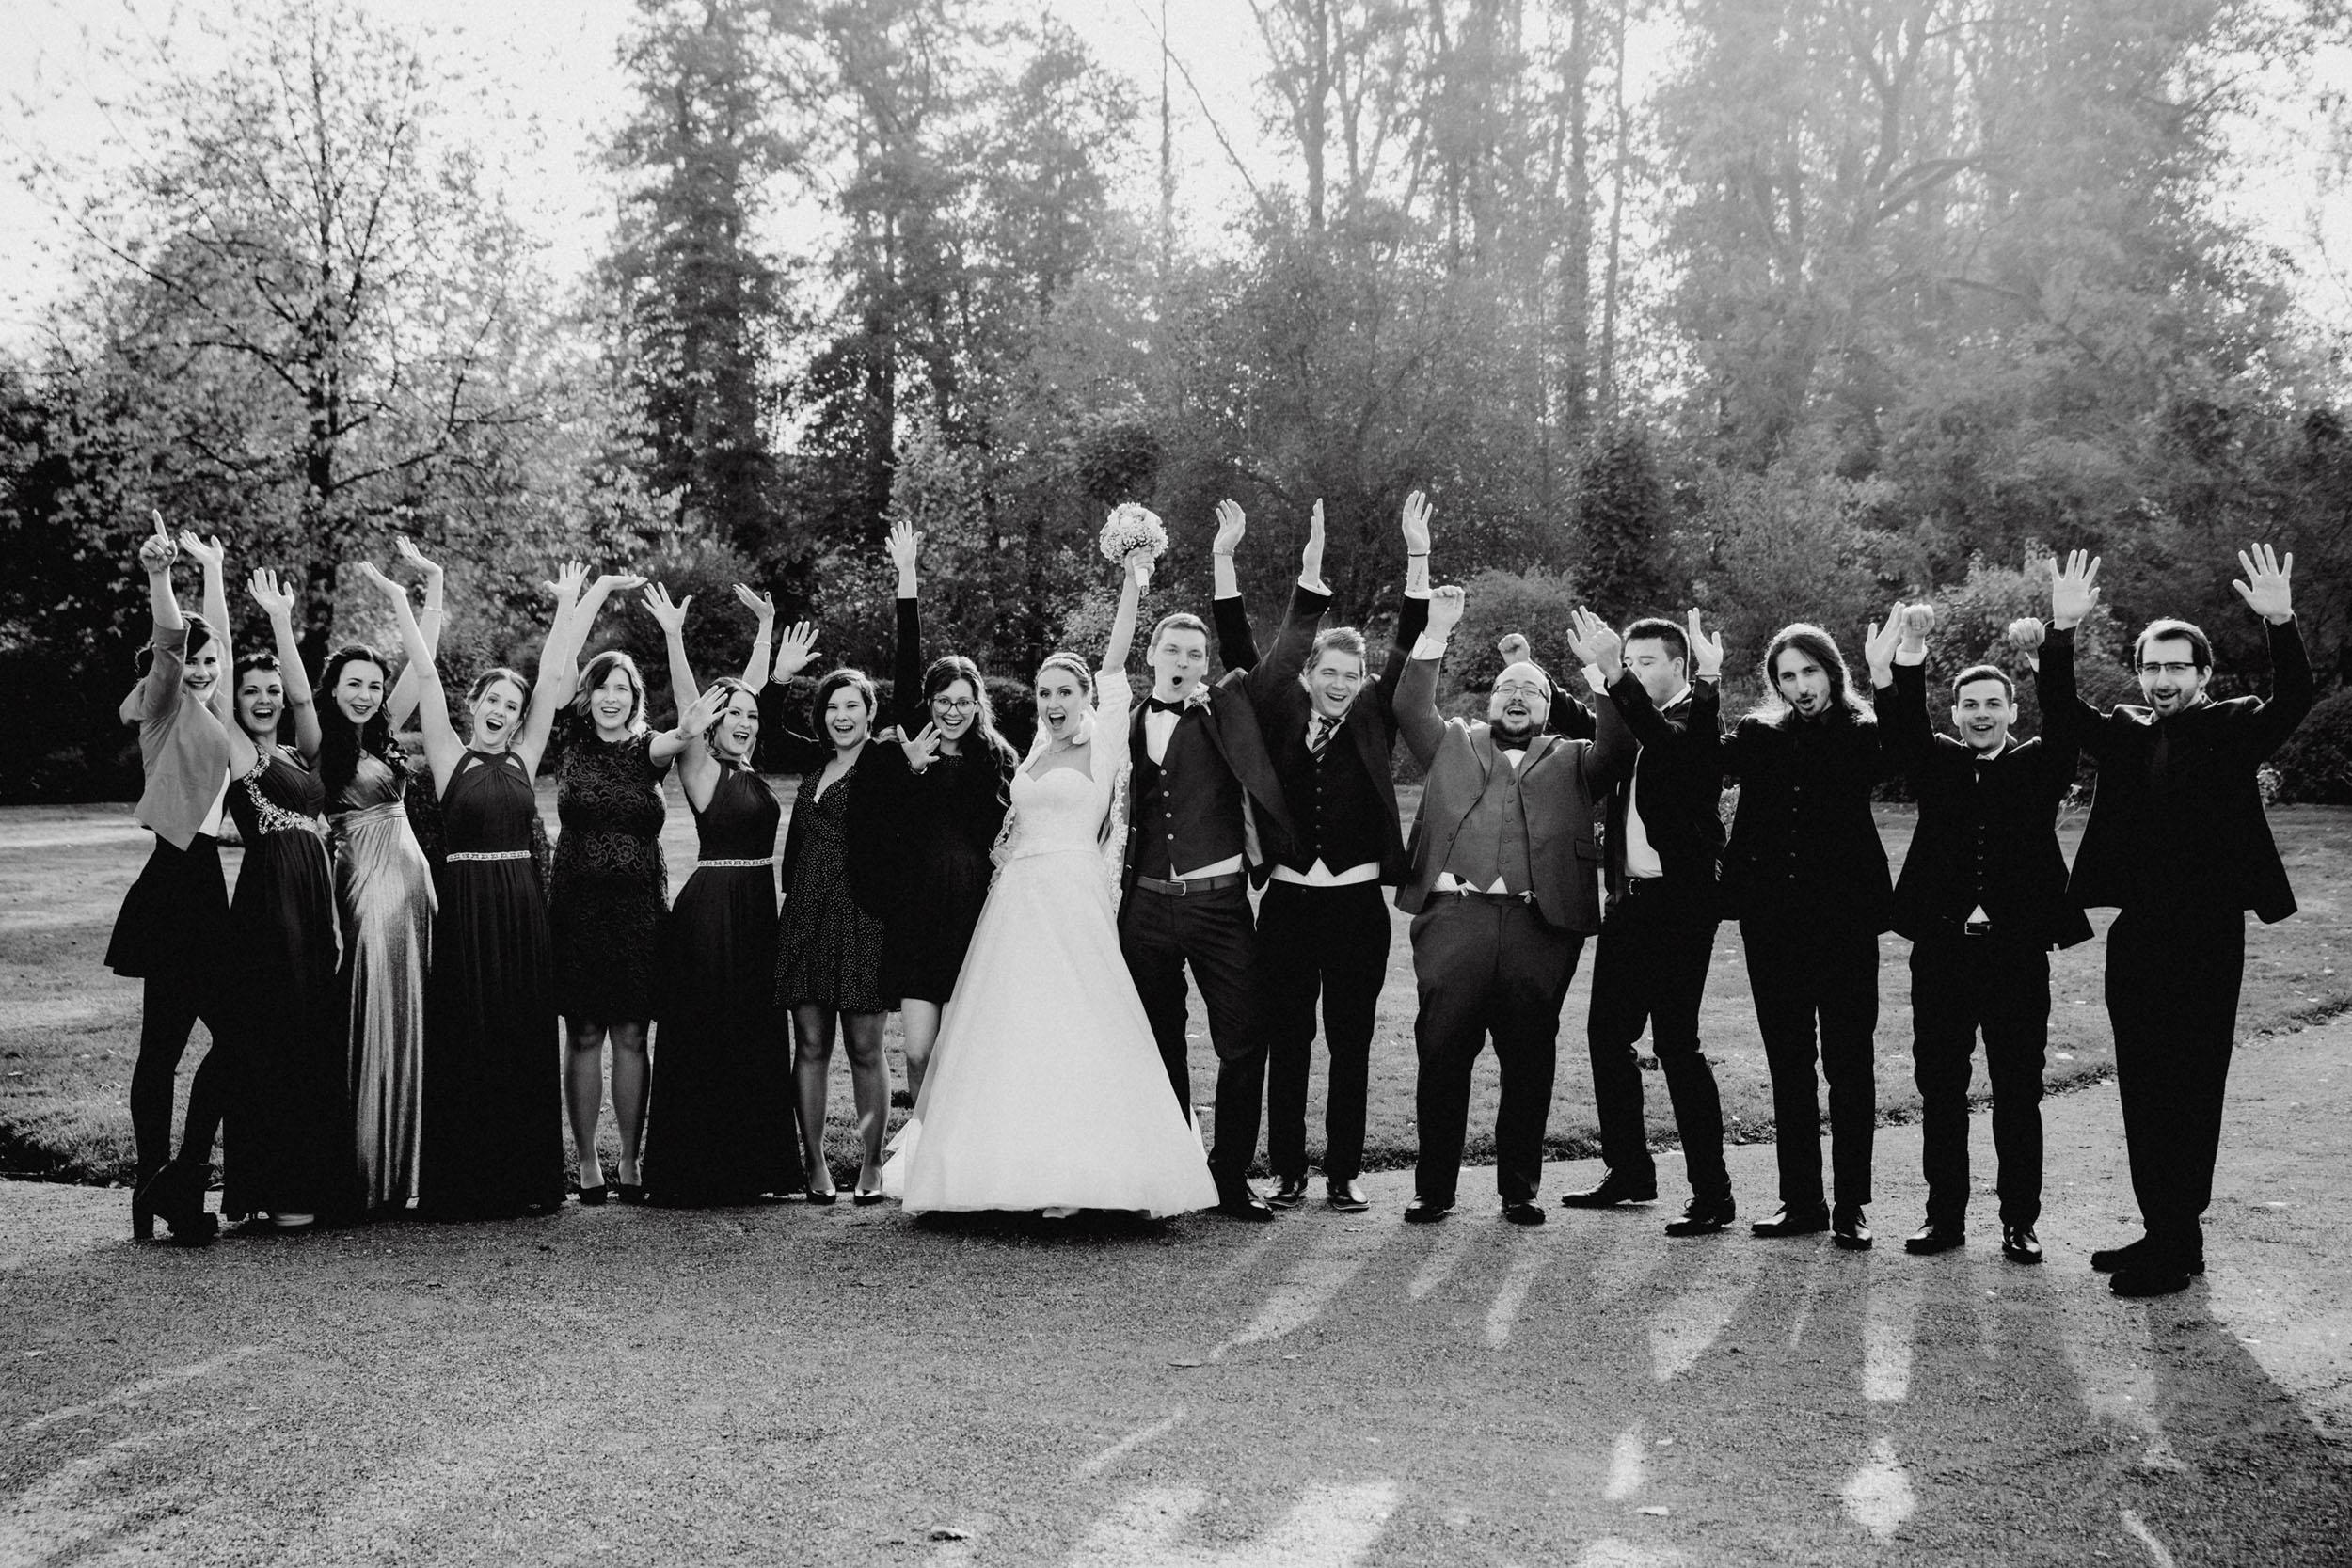 Hochzeit-348sw.jpg